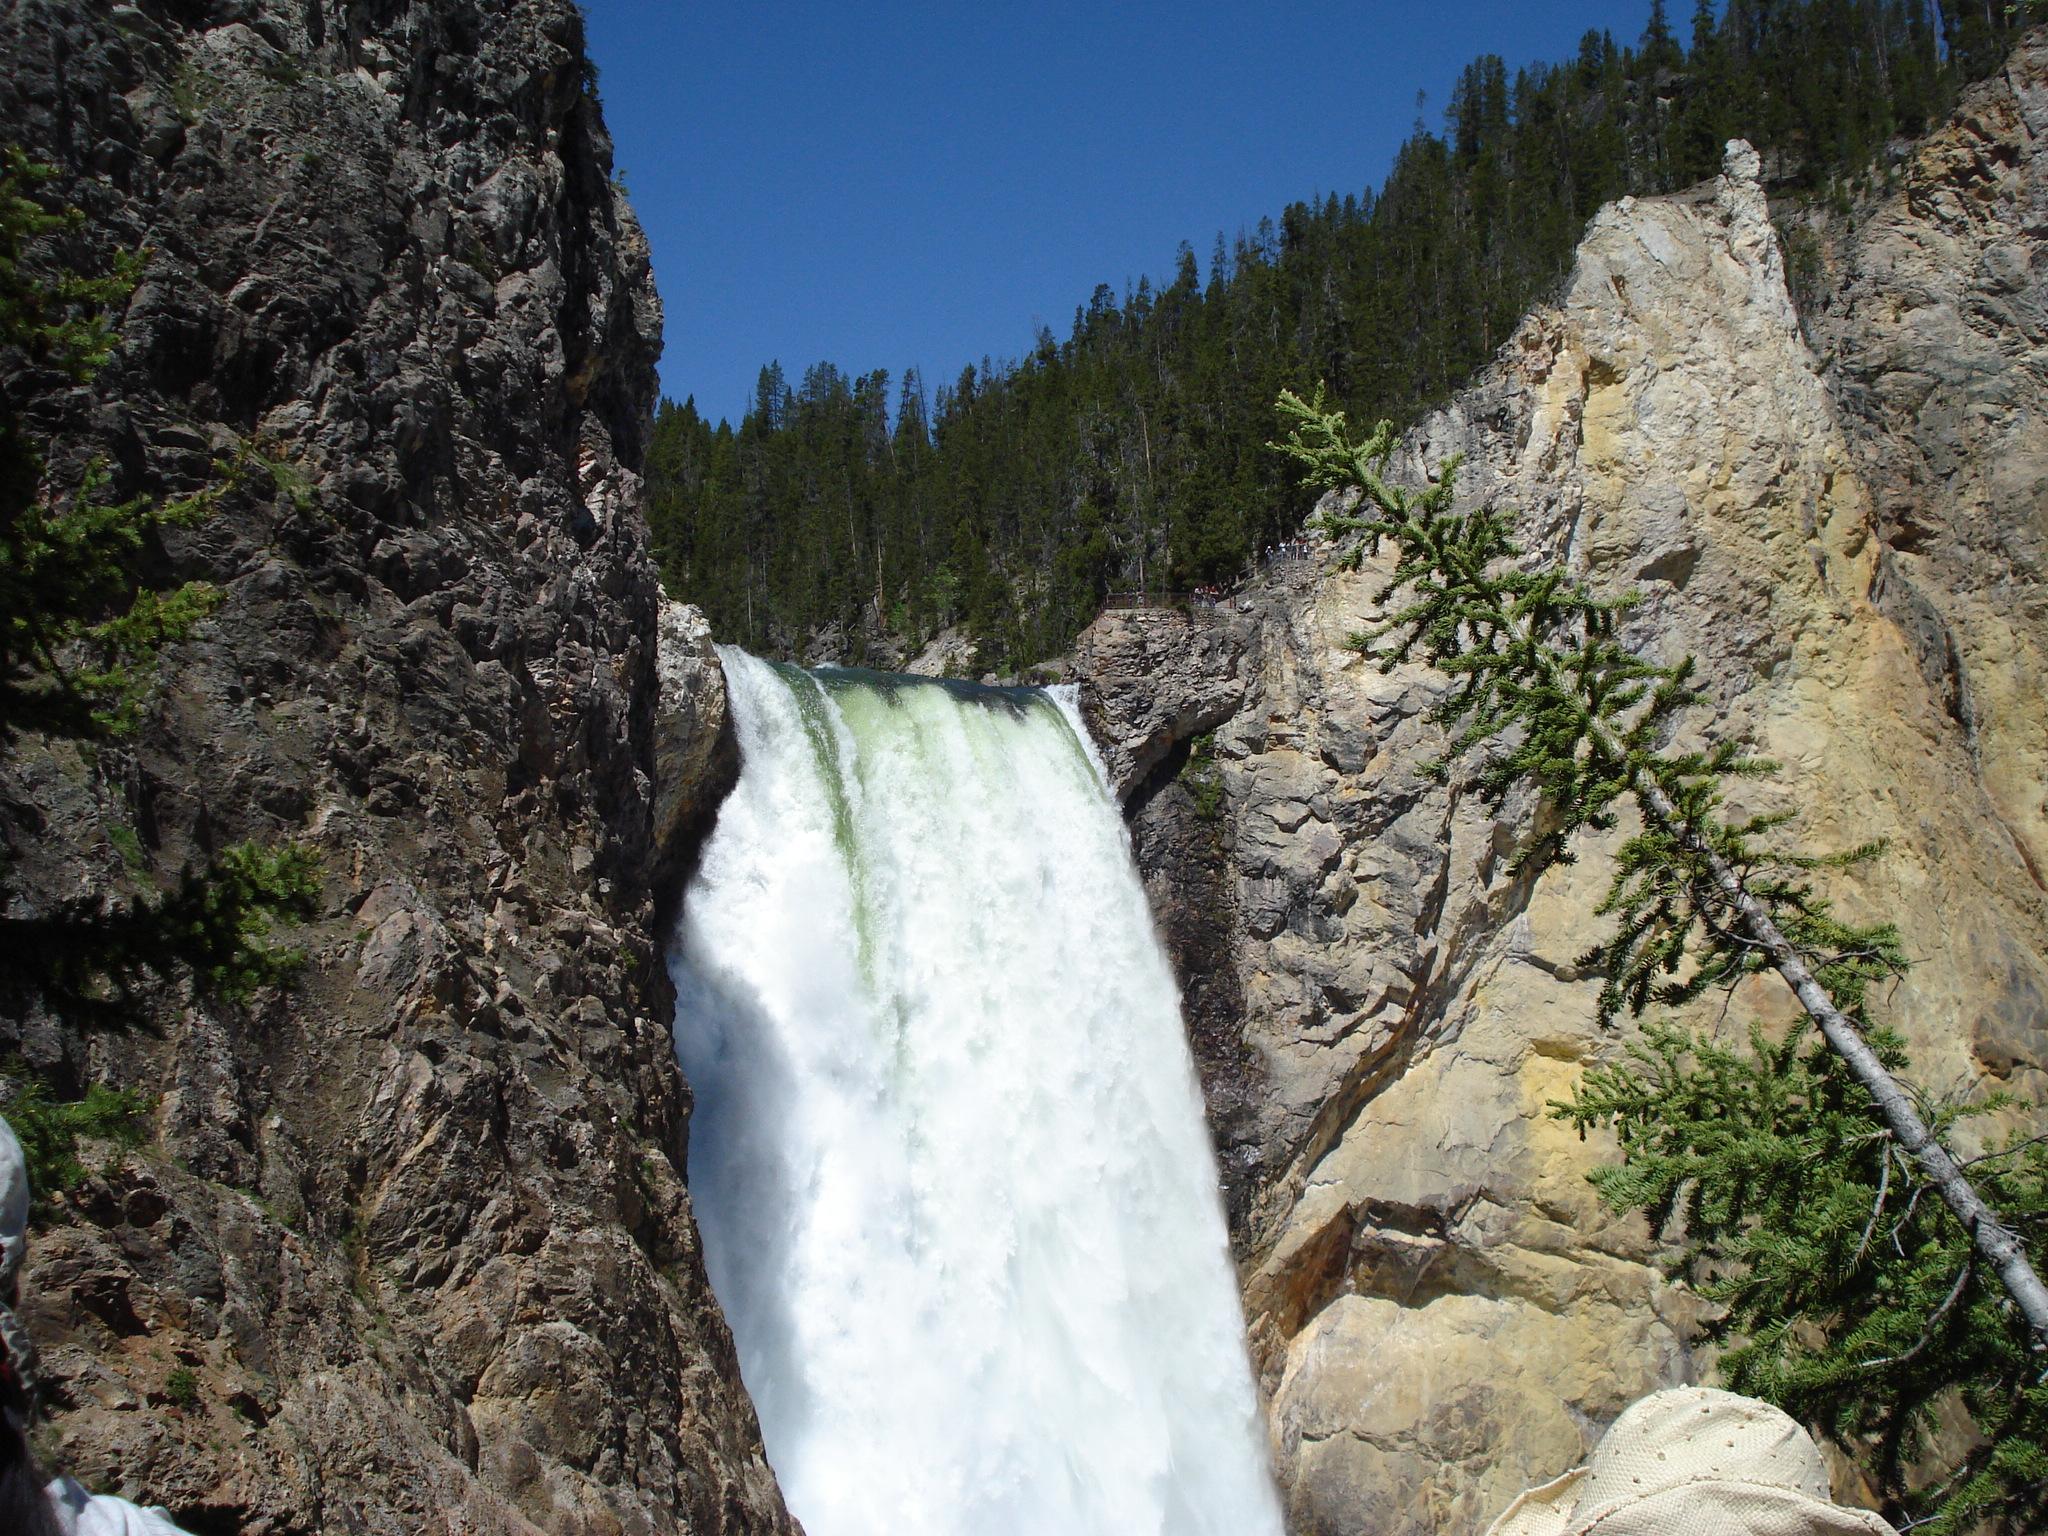 Waterfalls in Yellowstone are Beautiful